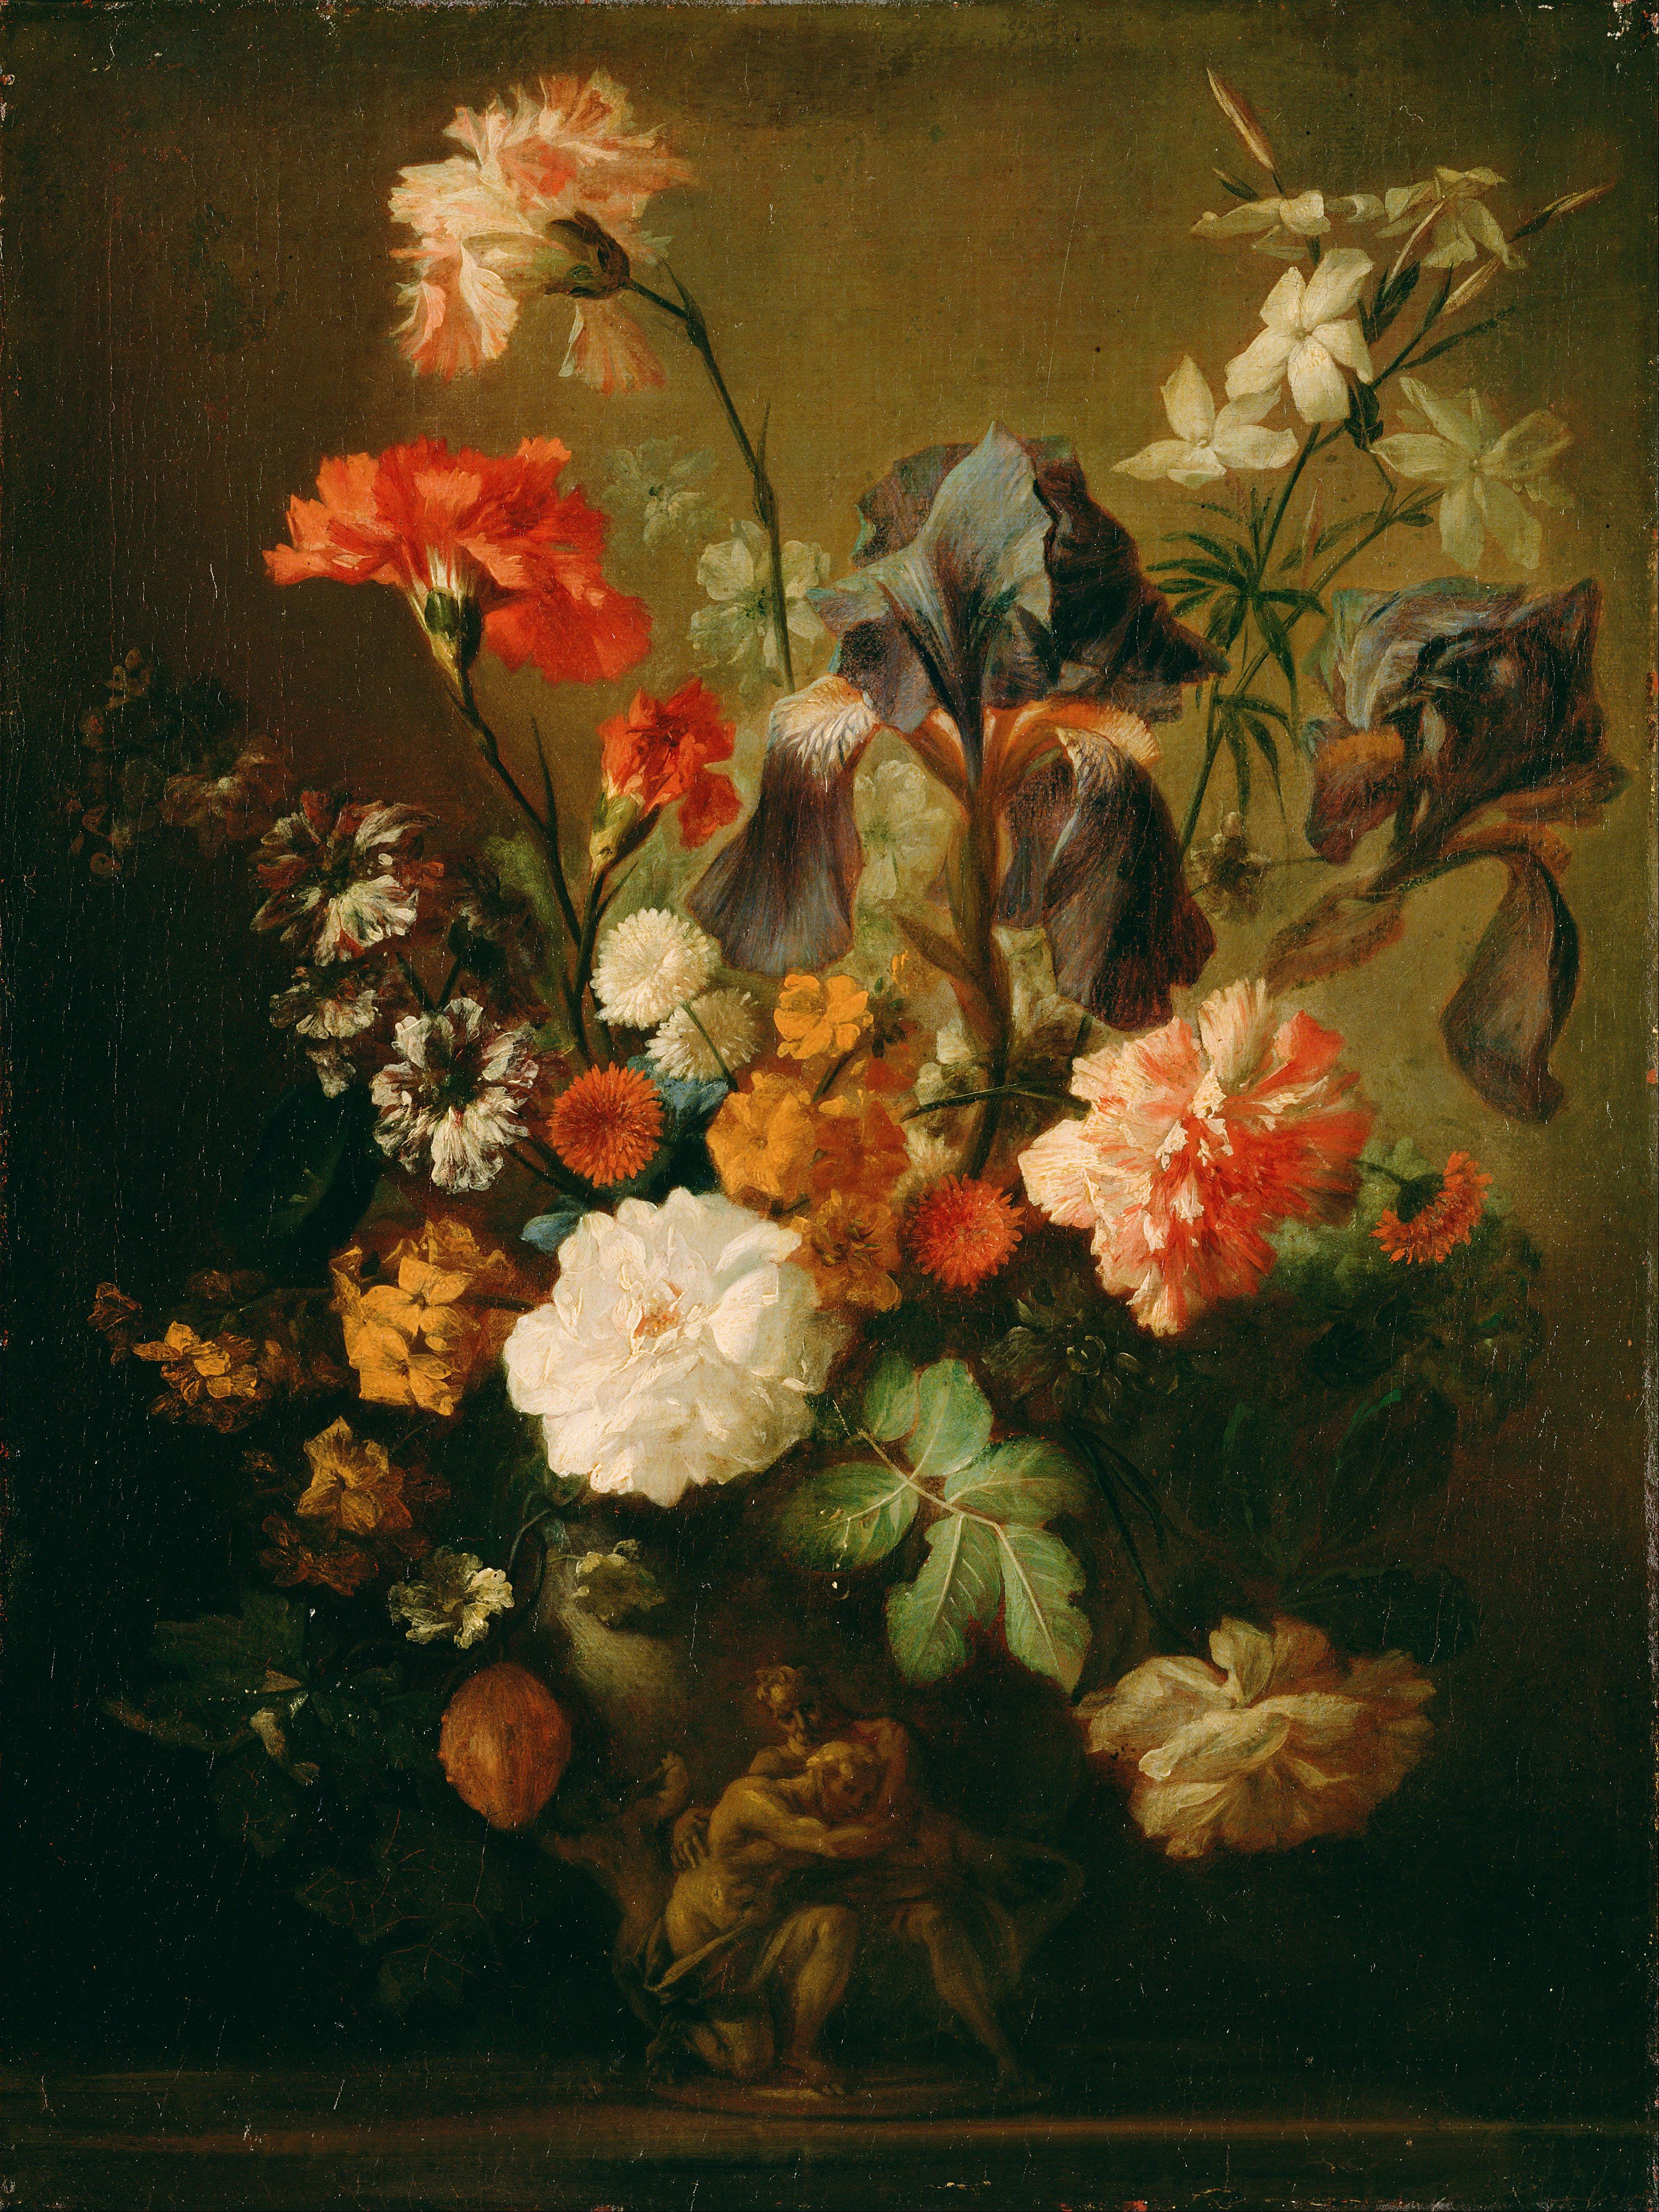 Dutch Vase and Van on Pinterest